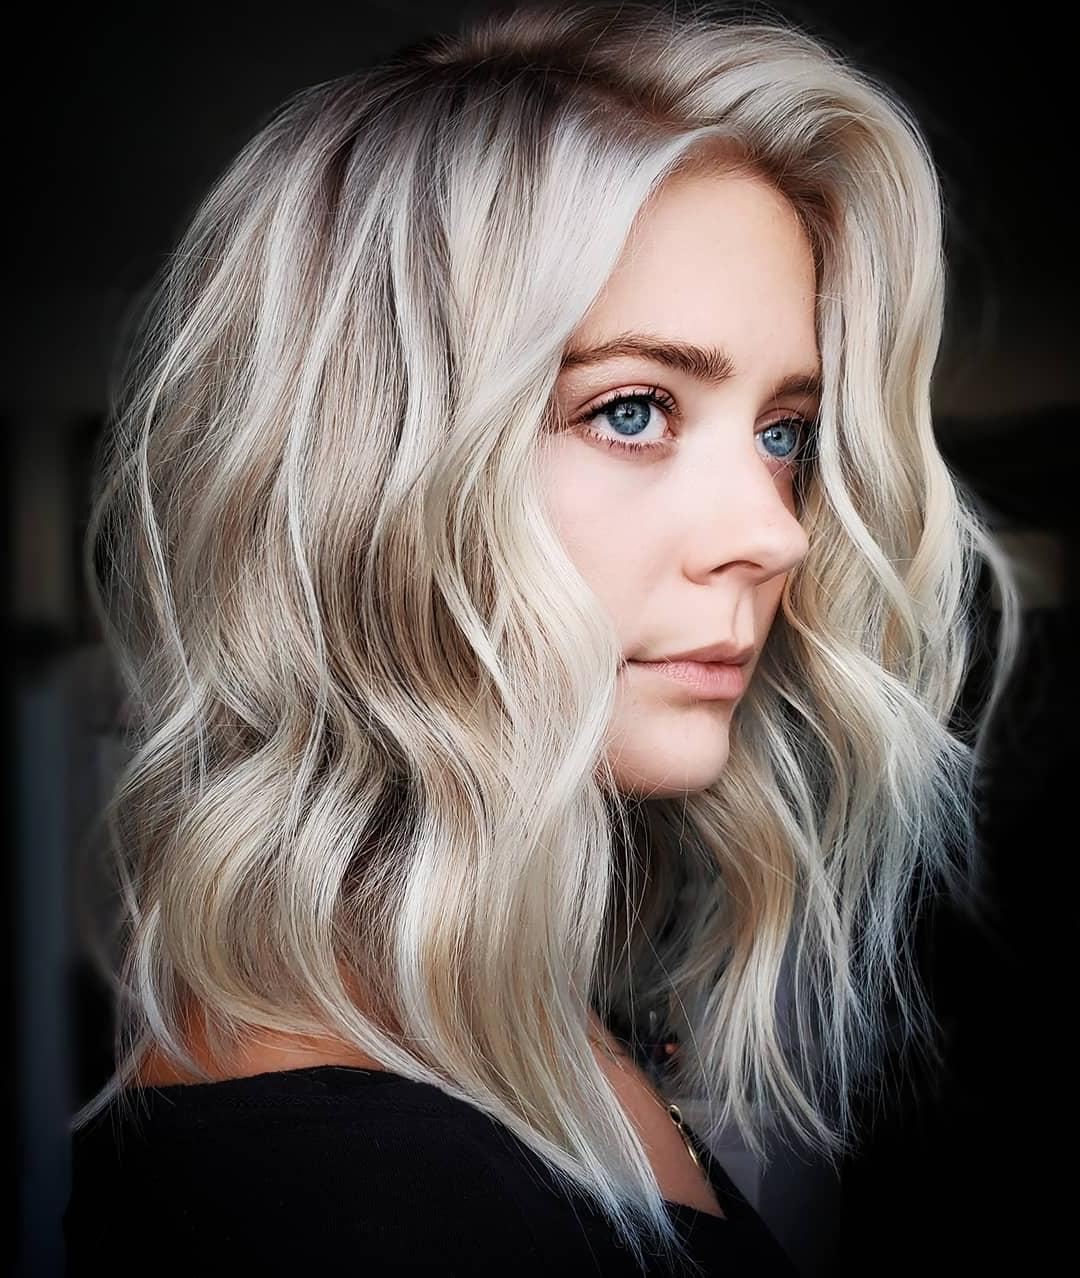 Taglio di capelli medio-lungo ondulato arruffato